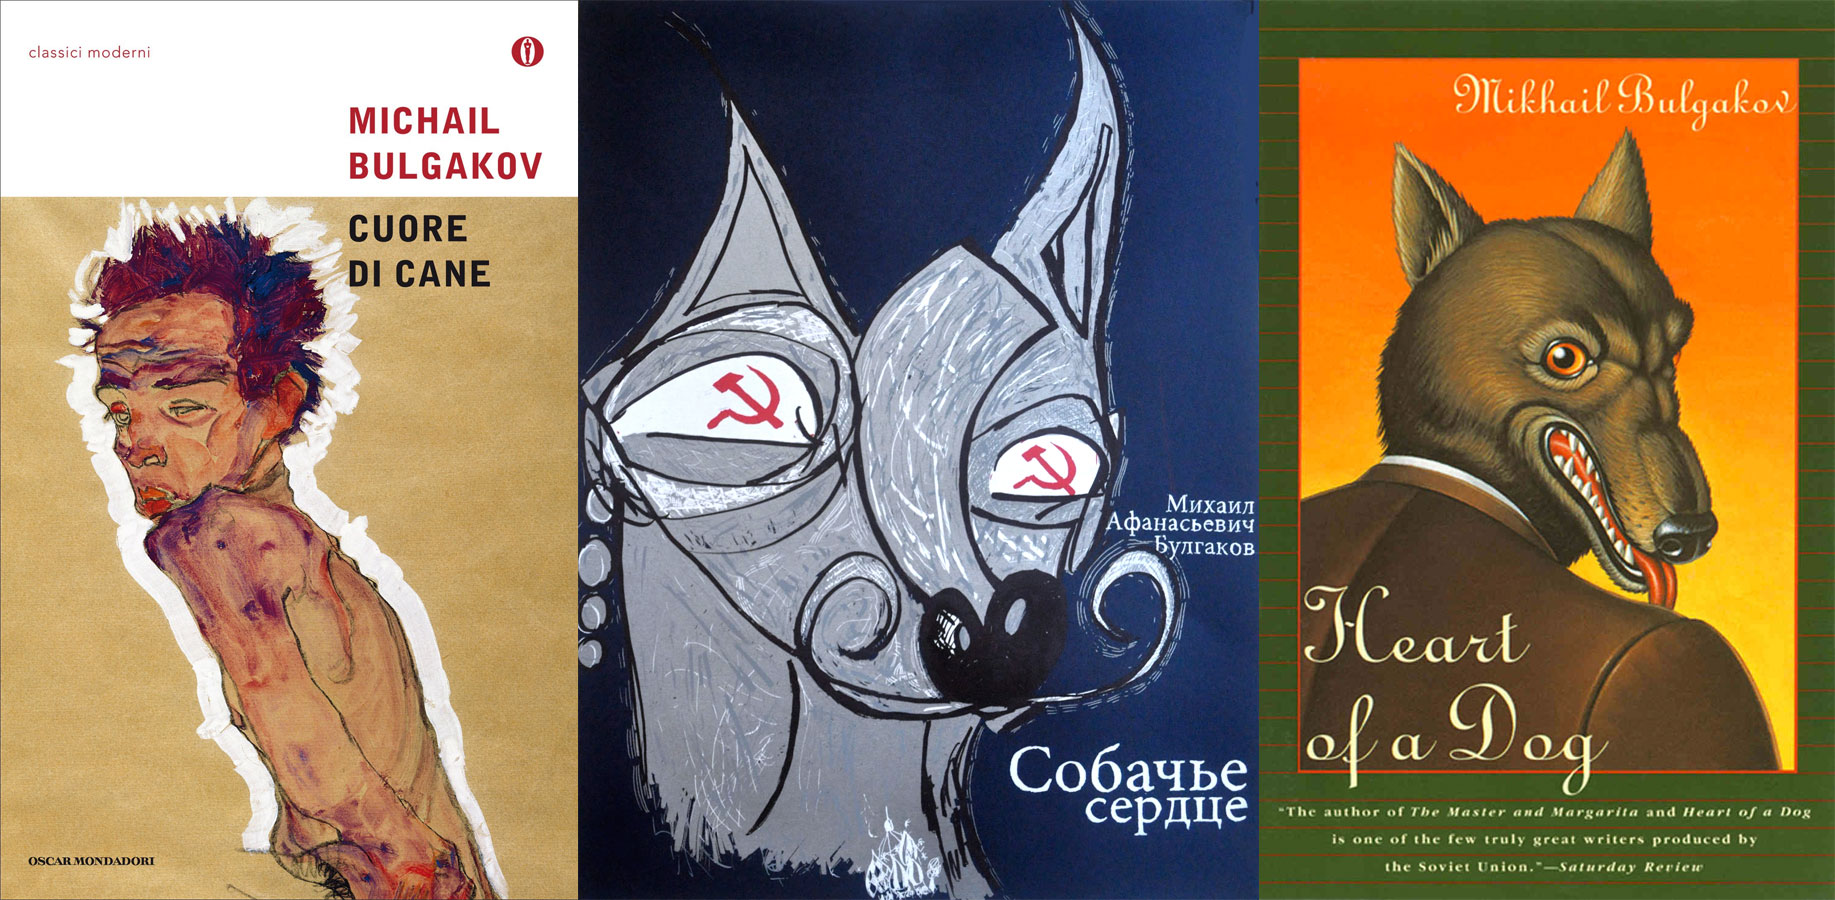 Cuore di cane (1925, Michail Bulgakov)